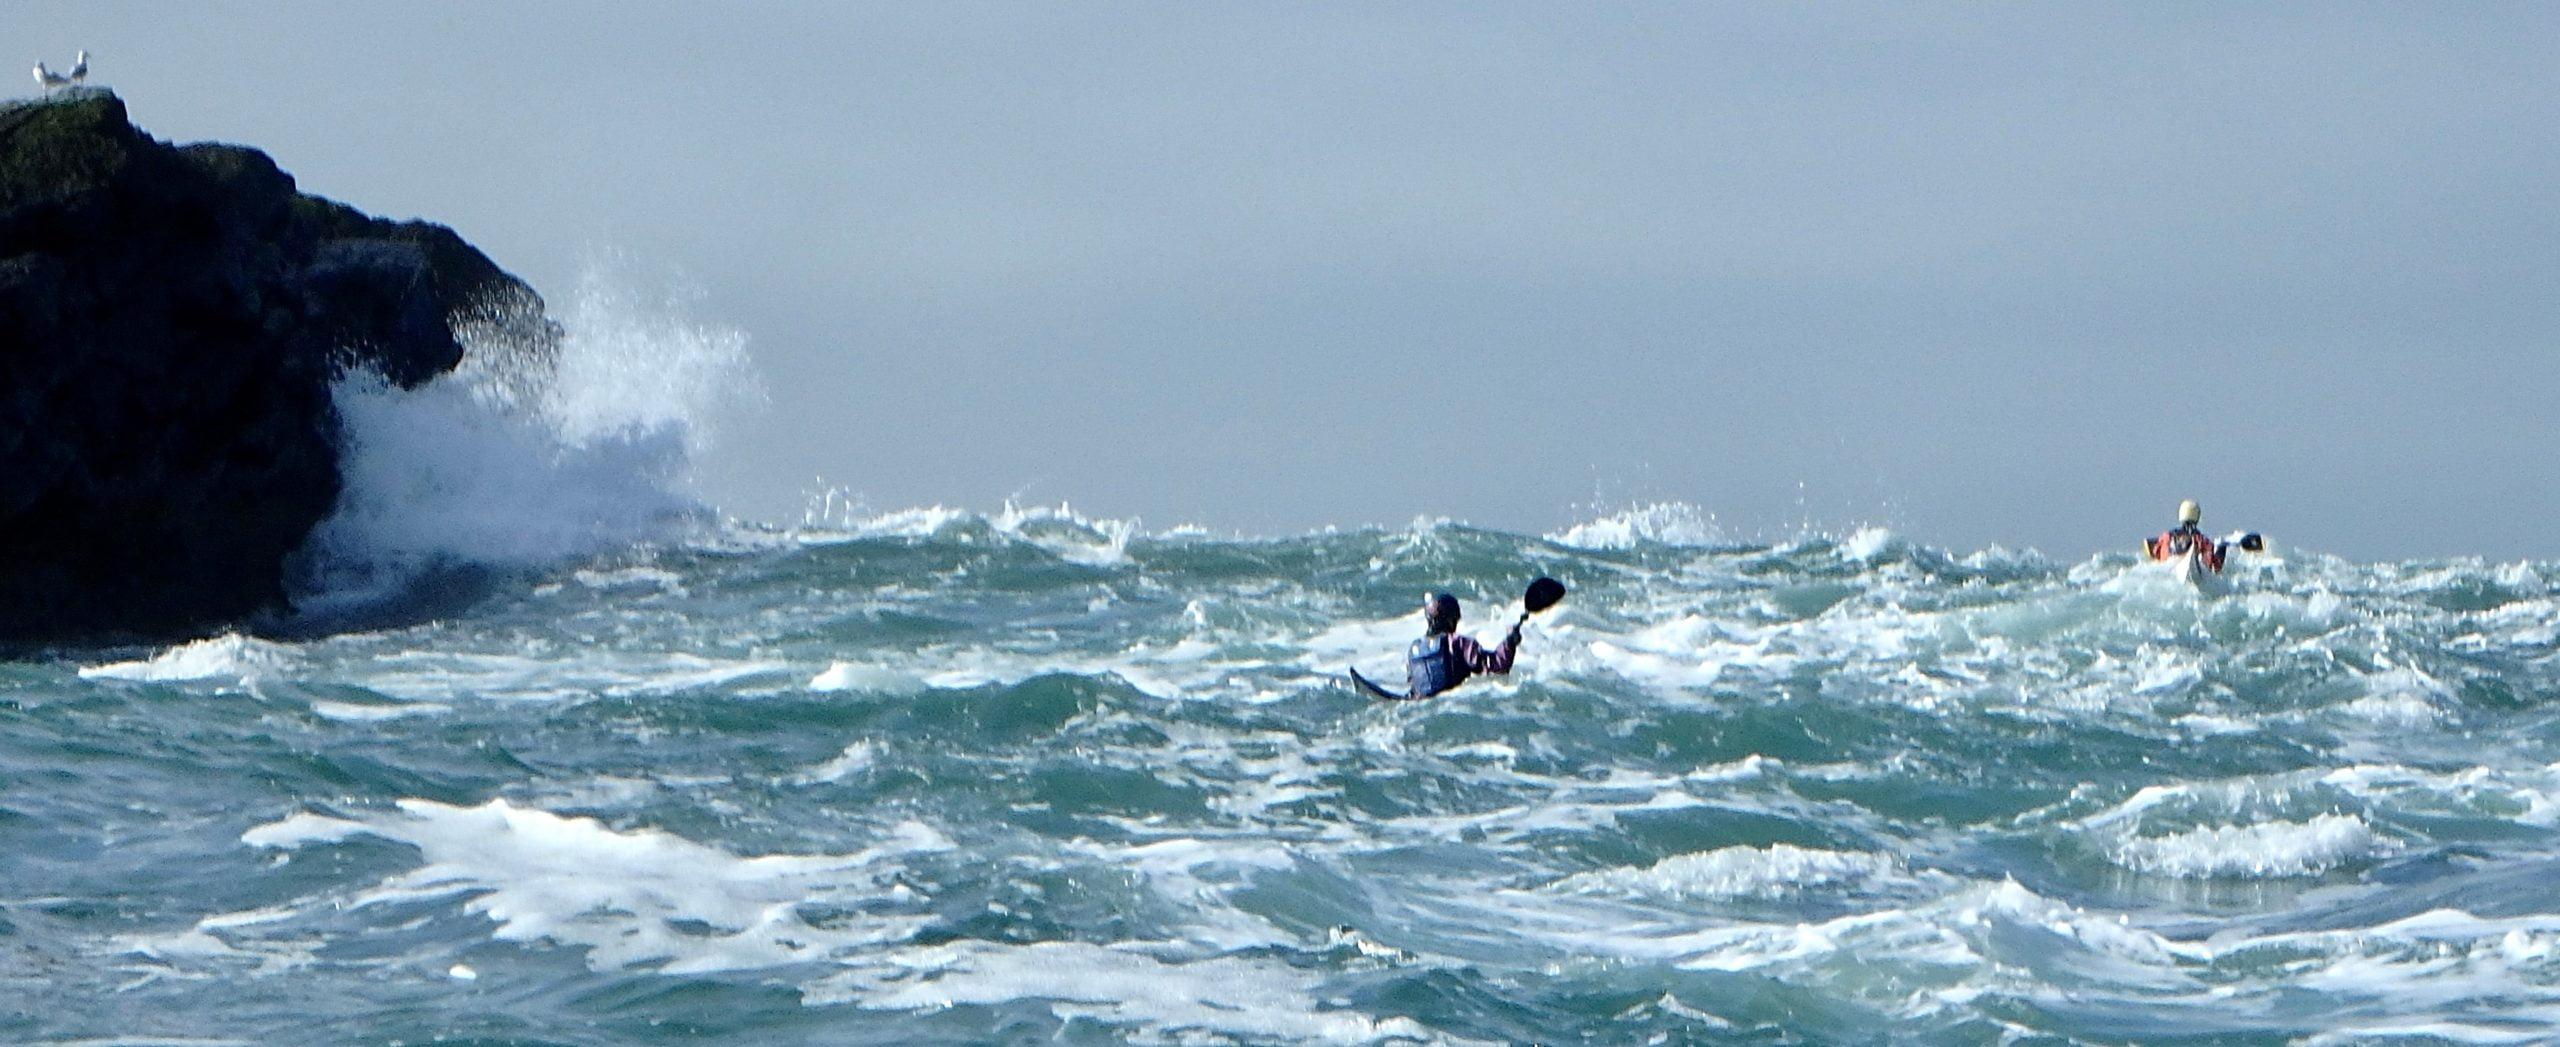 Nice big sea time to play